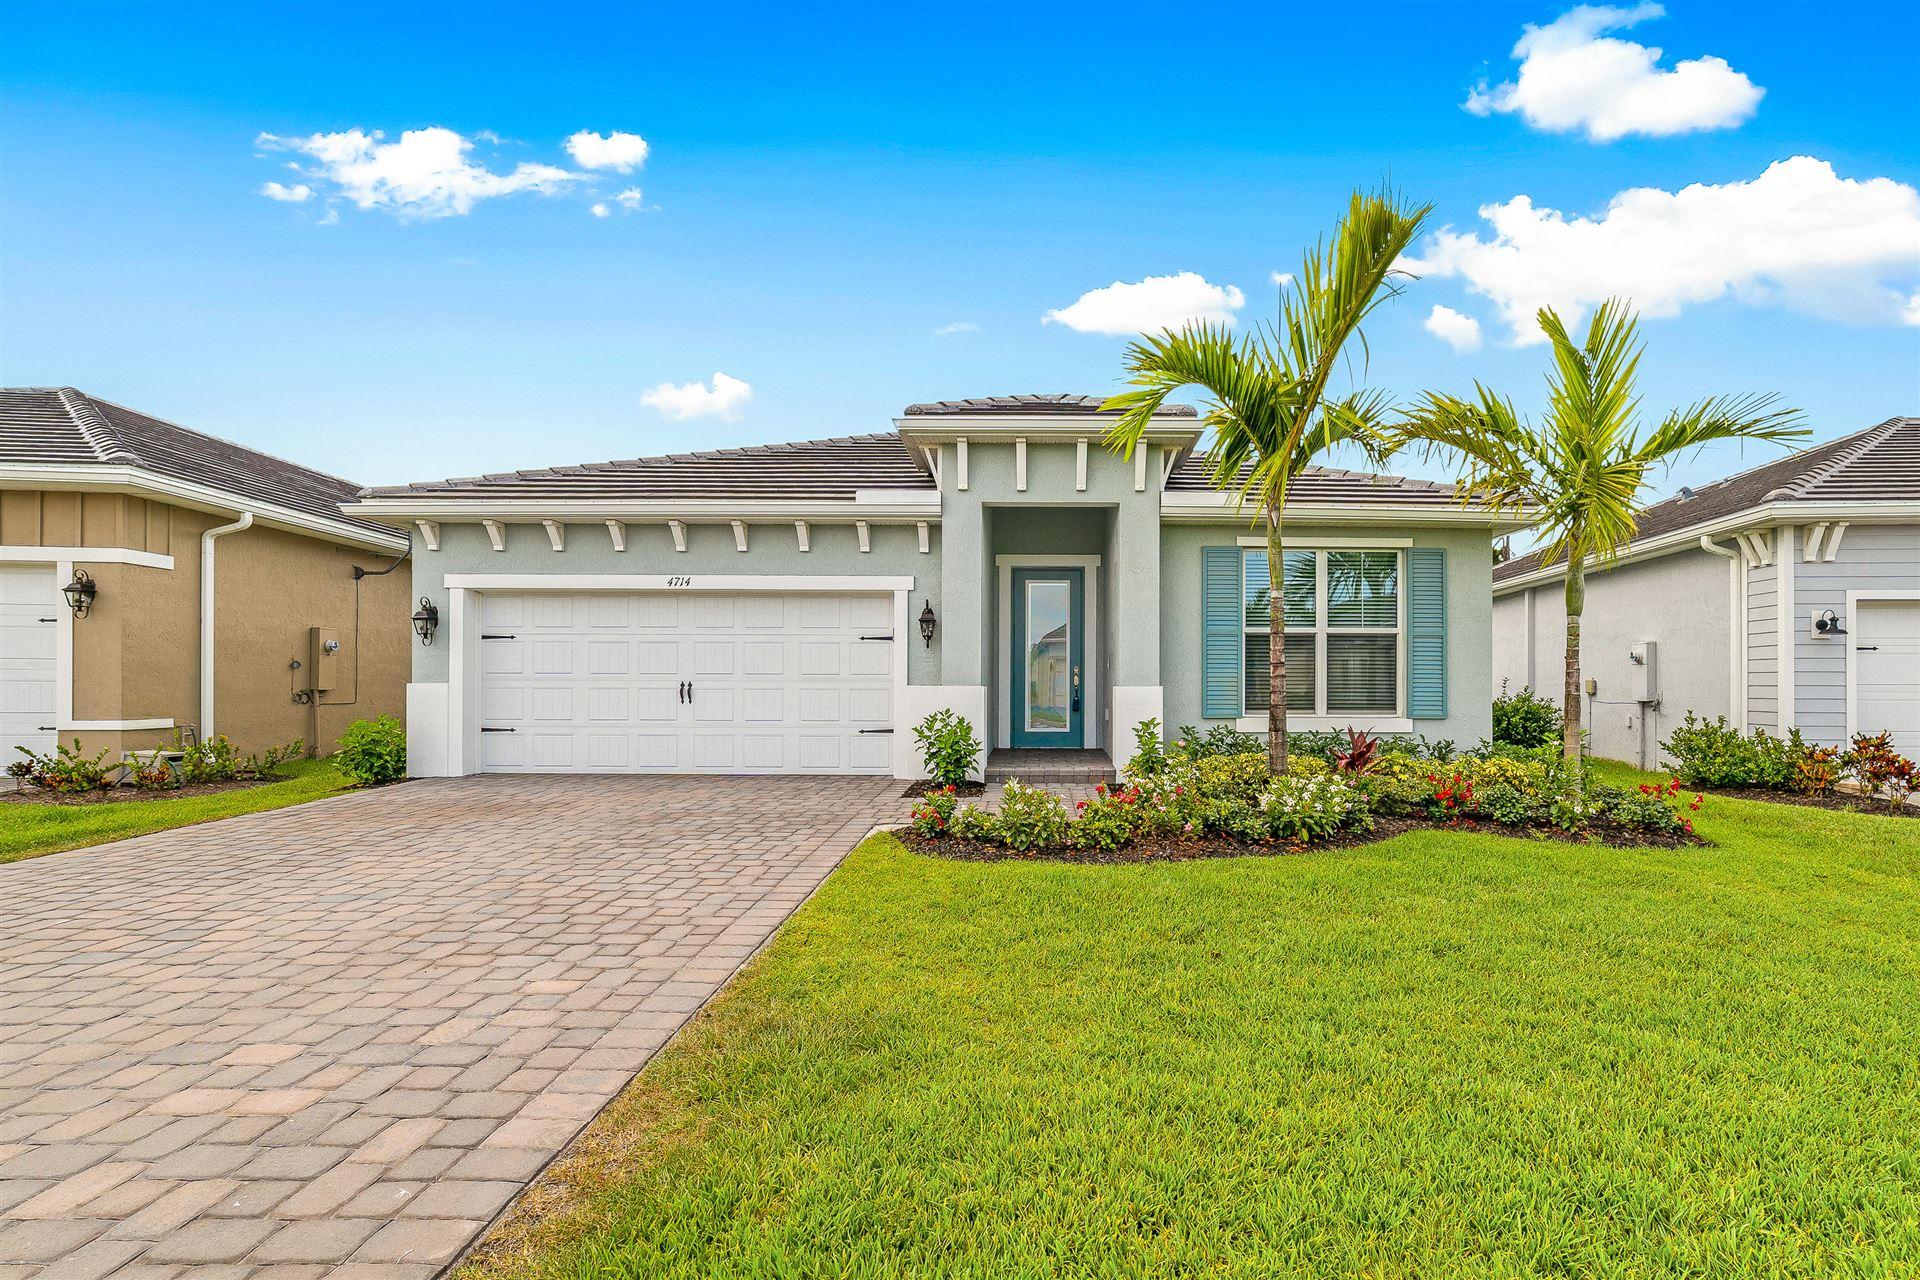 4714 SW Briarwood Court, Stuart, FL 34997 - #: RX-10635084